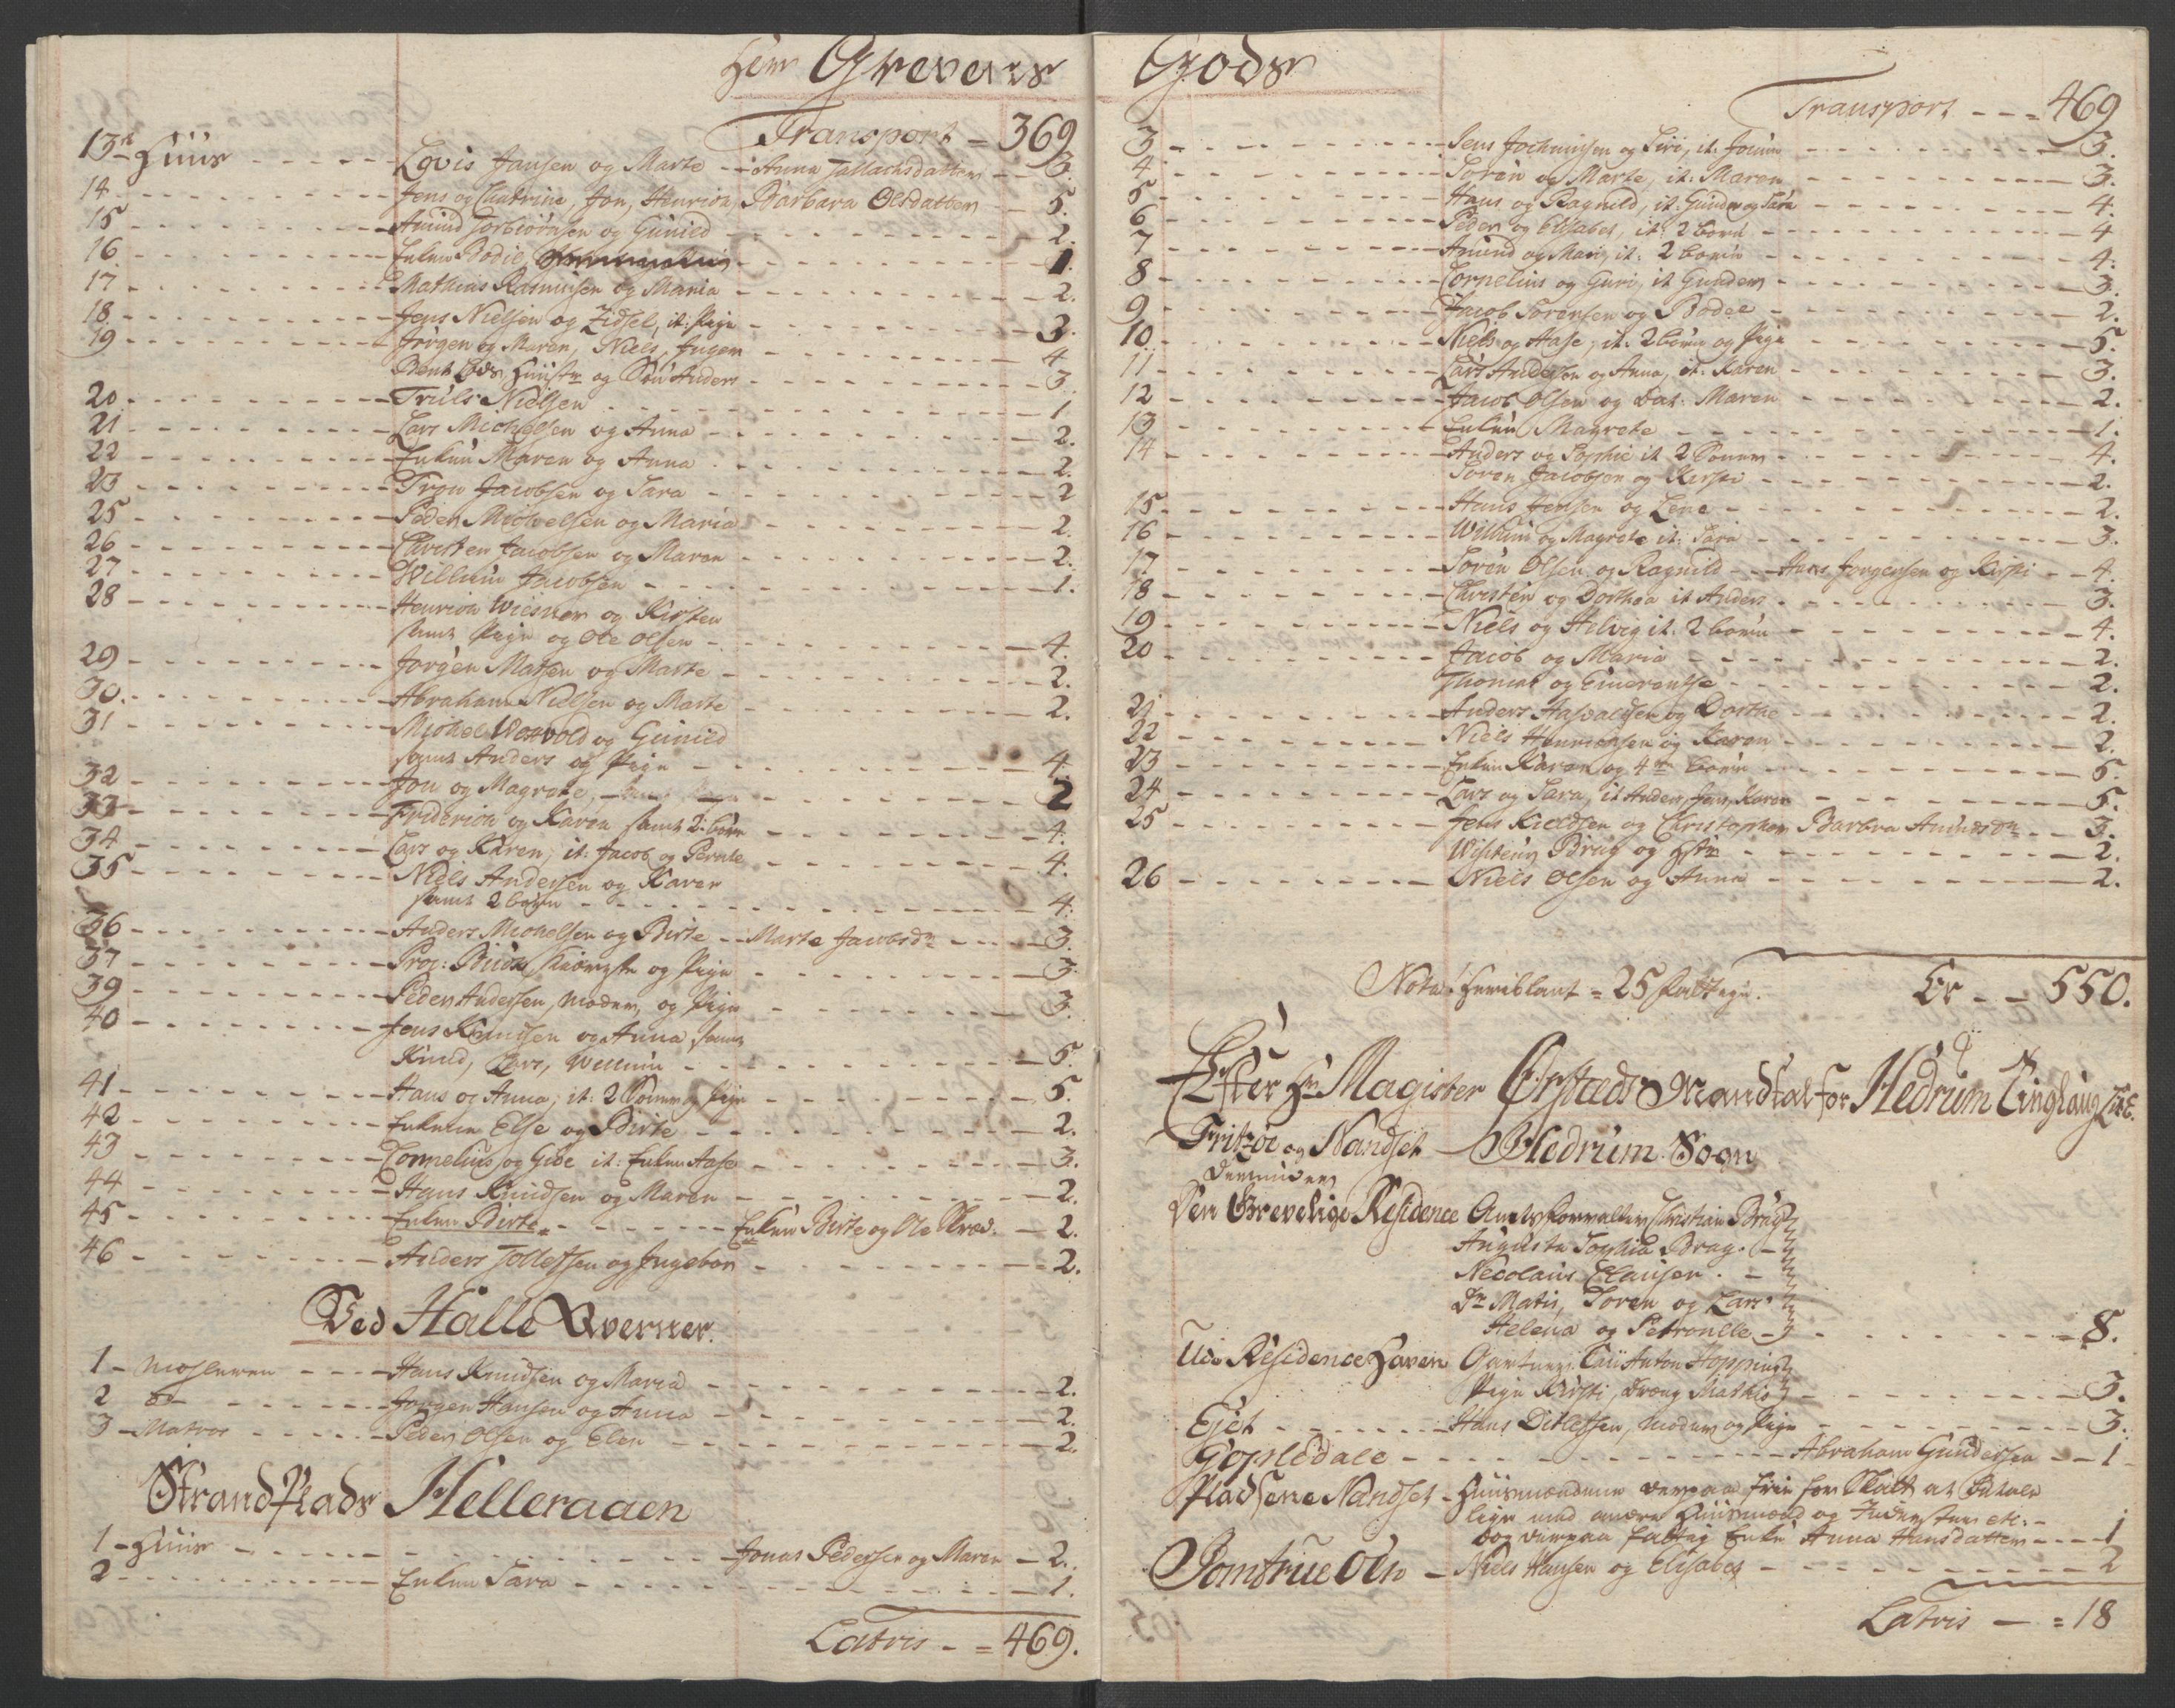 RA, Rentekammeret inntil 1814, Reviderte regnskaper, Fogderegnskap, R33/L2033: Ekstraskatten Larvik grevskap, 1762-1764, s. 555